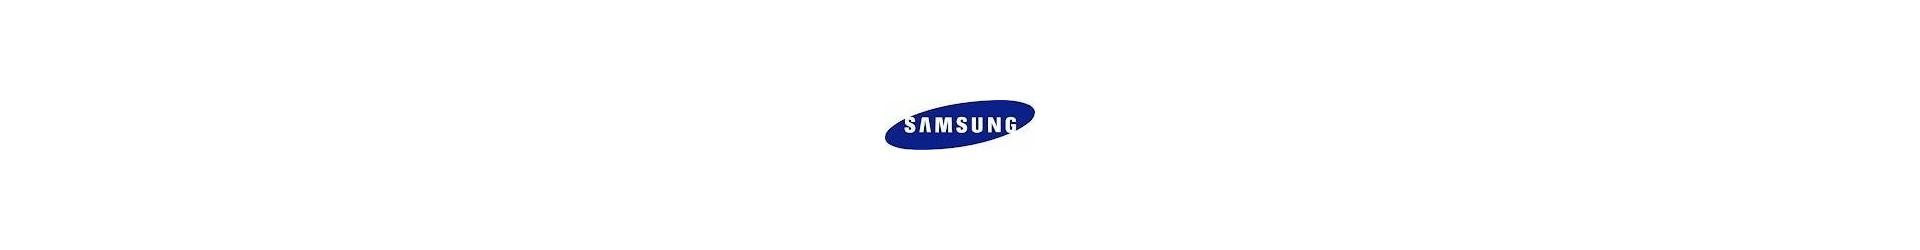 Inneneinheit Samsung